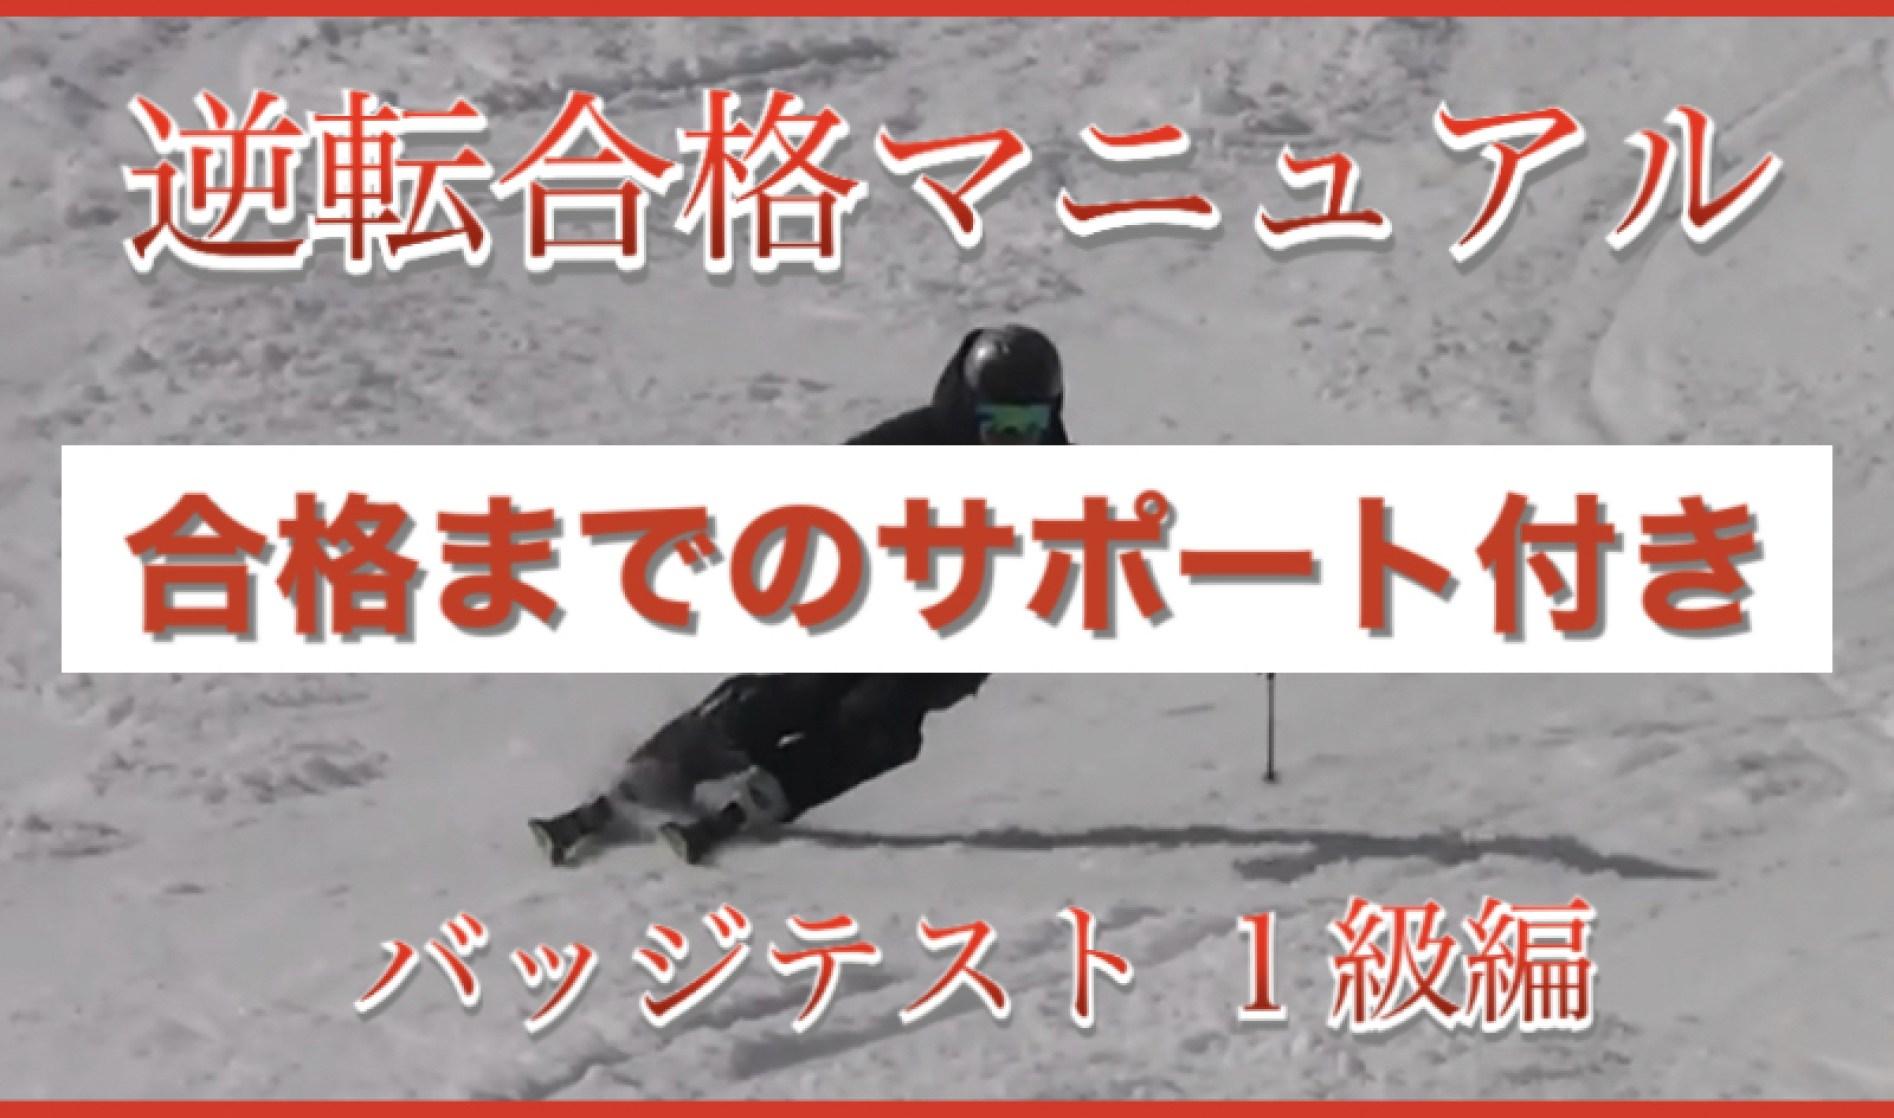 【合格までLINEで個別サポート付き】スキーバッジテスト逆転合格マニュアル!動画も付いた超特大ボリューム!【1級検定編】